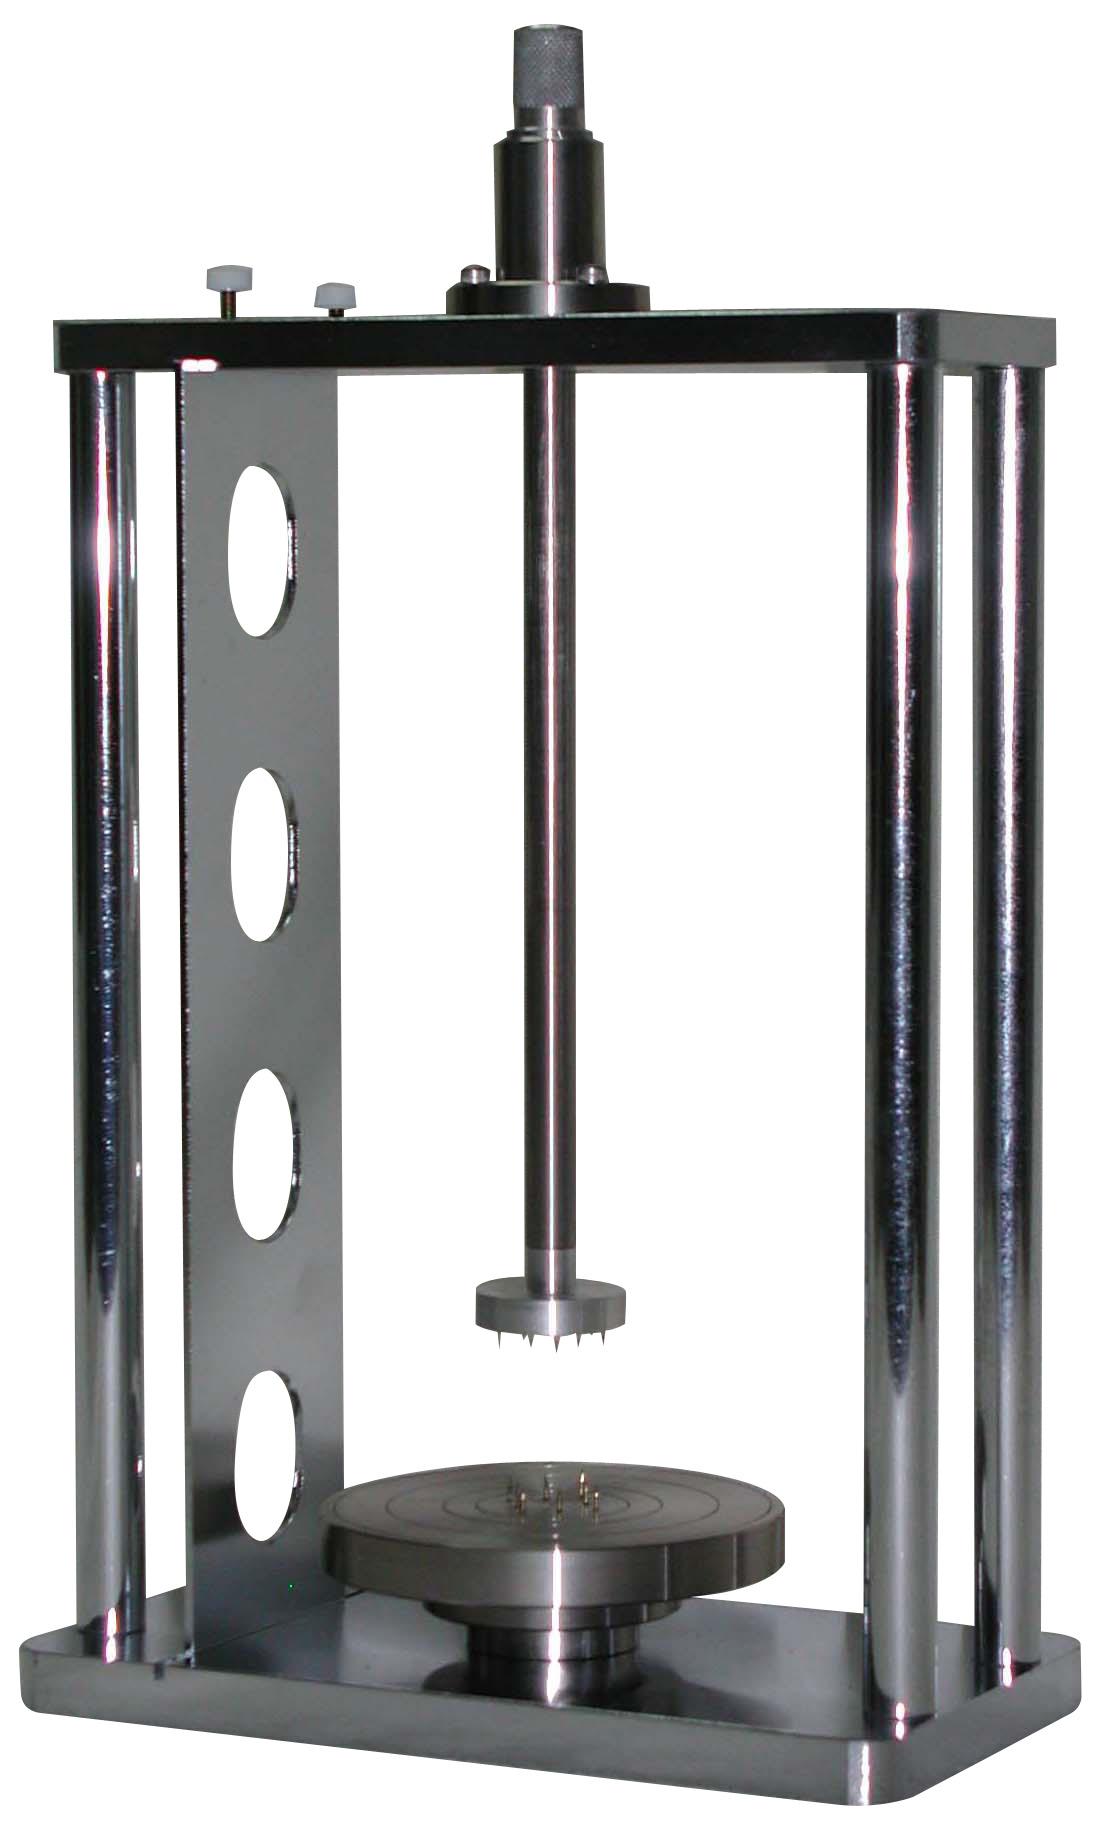 ユニバーサルトリマー 直径3.5cm〜10cm